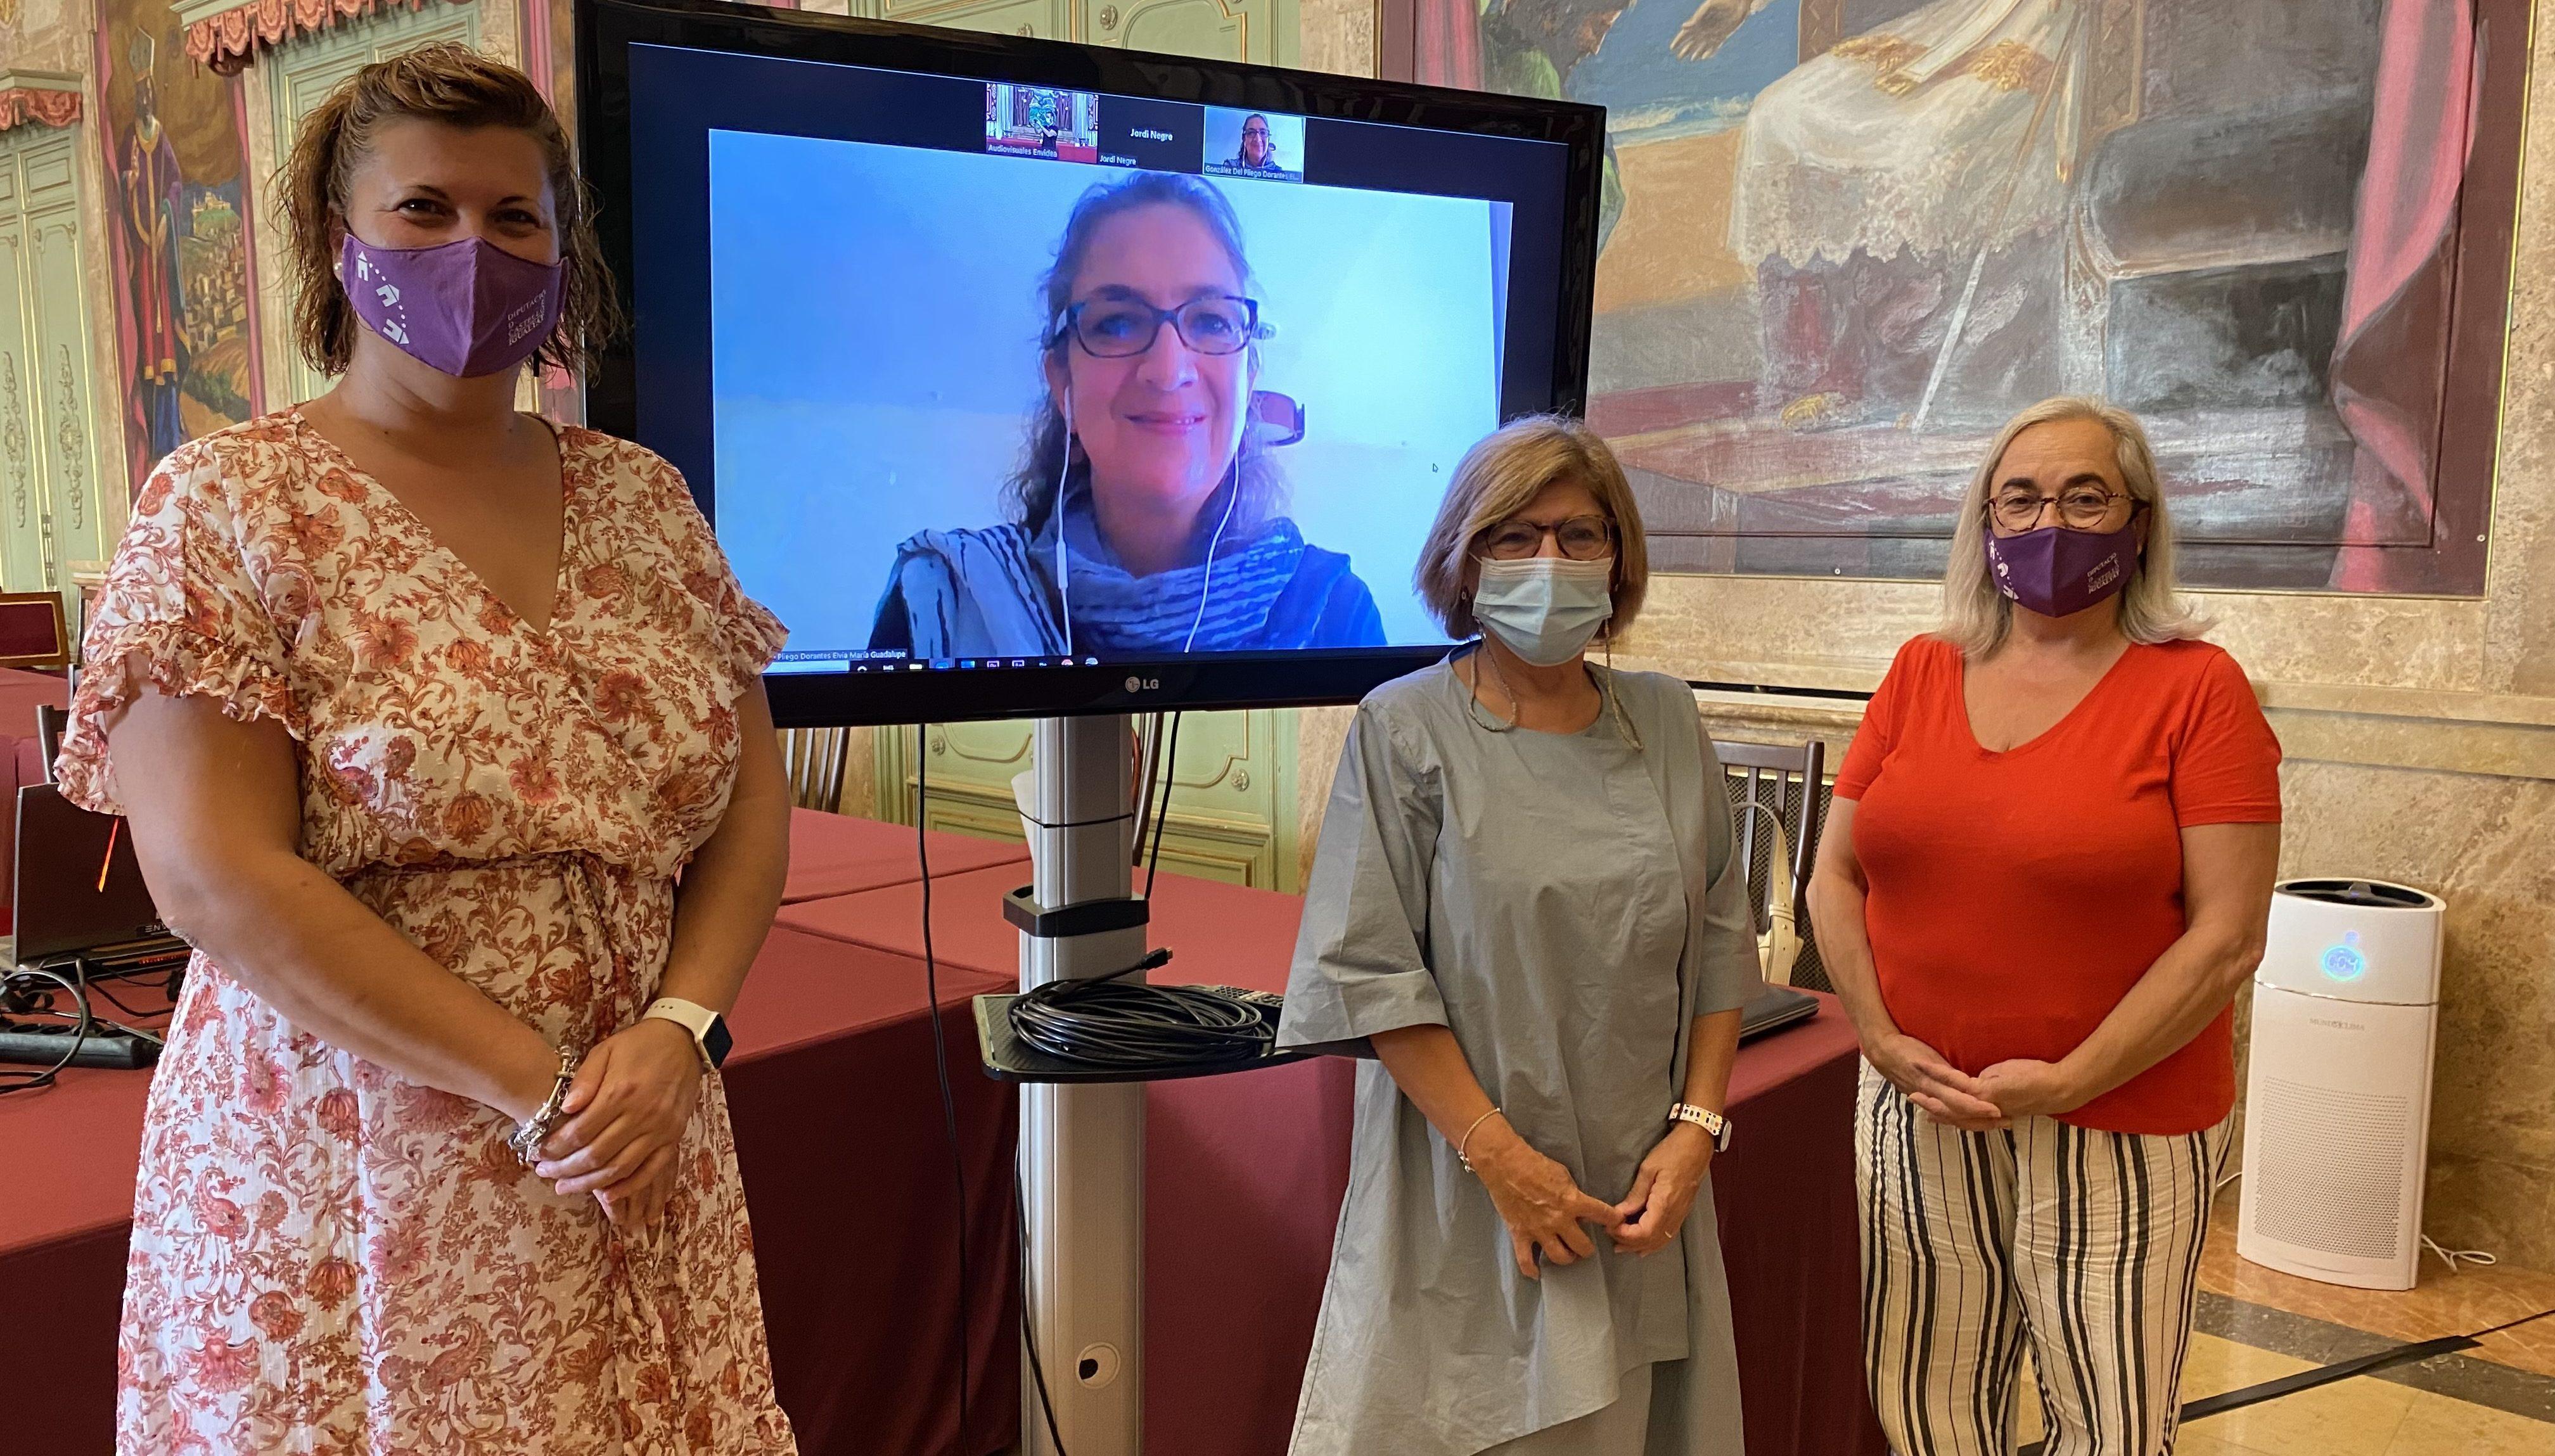 La Diputació presenta 'CaDi', el traductor de llenguatge inclusiu